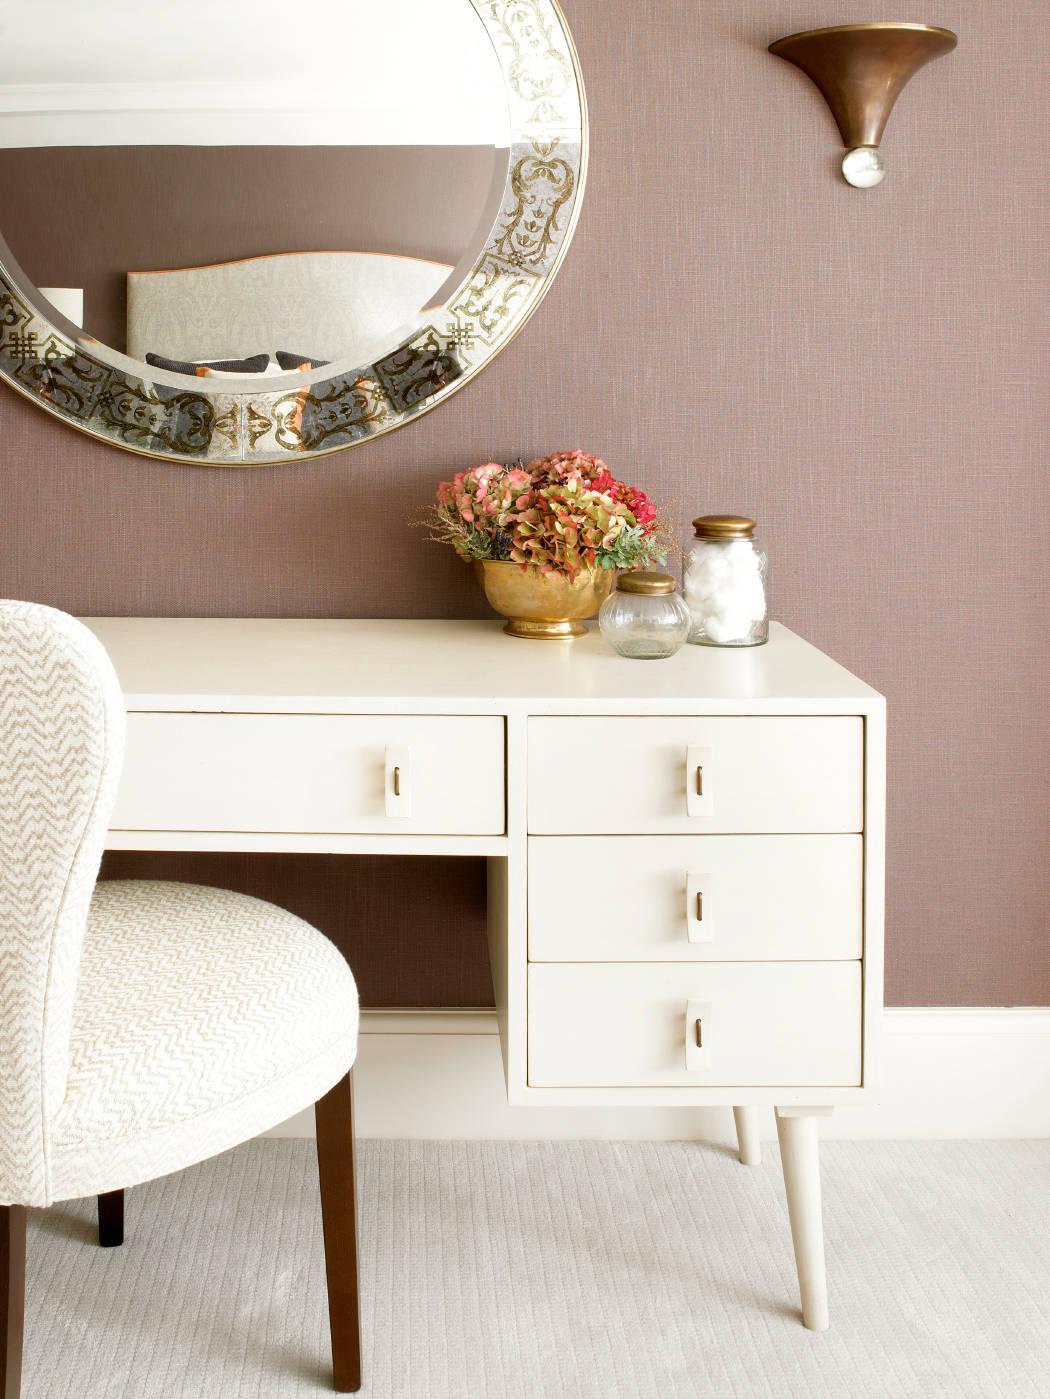 der perfekte schminktisch einrichtung dekoration und aufbewahrung. Black Bedroom Furniture Sets. Home Design Ideas